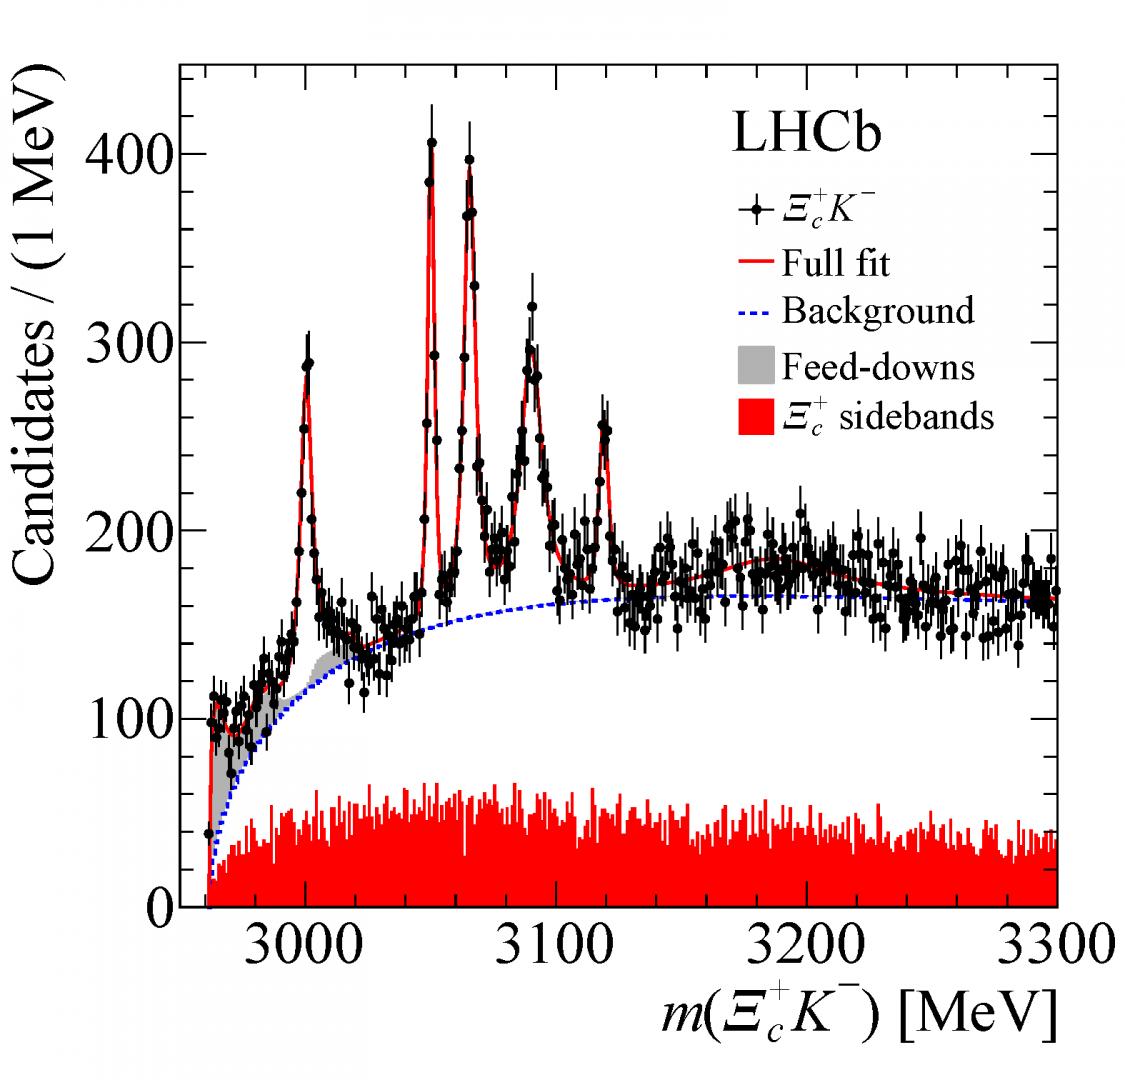 LHCb descubre cinco nuevas resonancias bariónicas encantadas - La ...